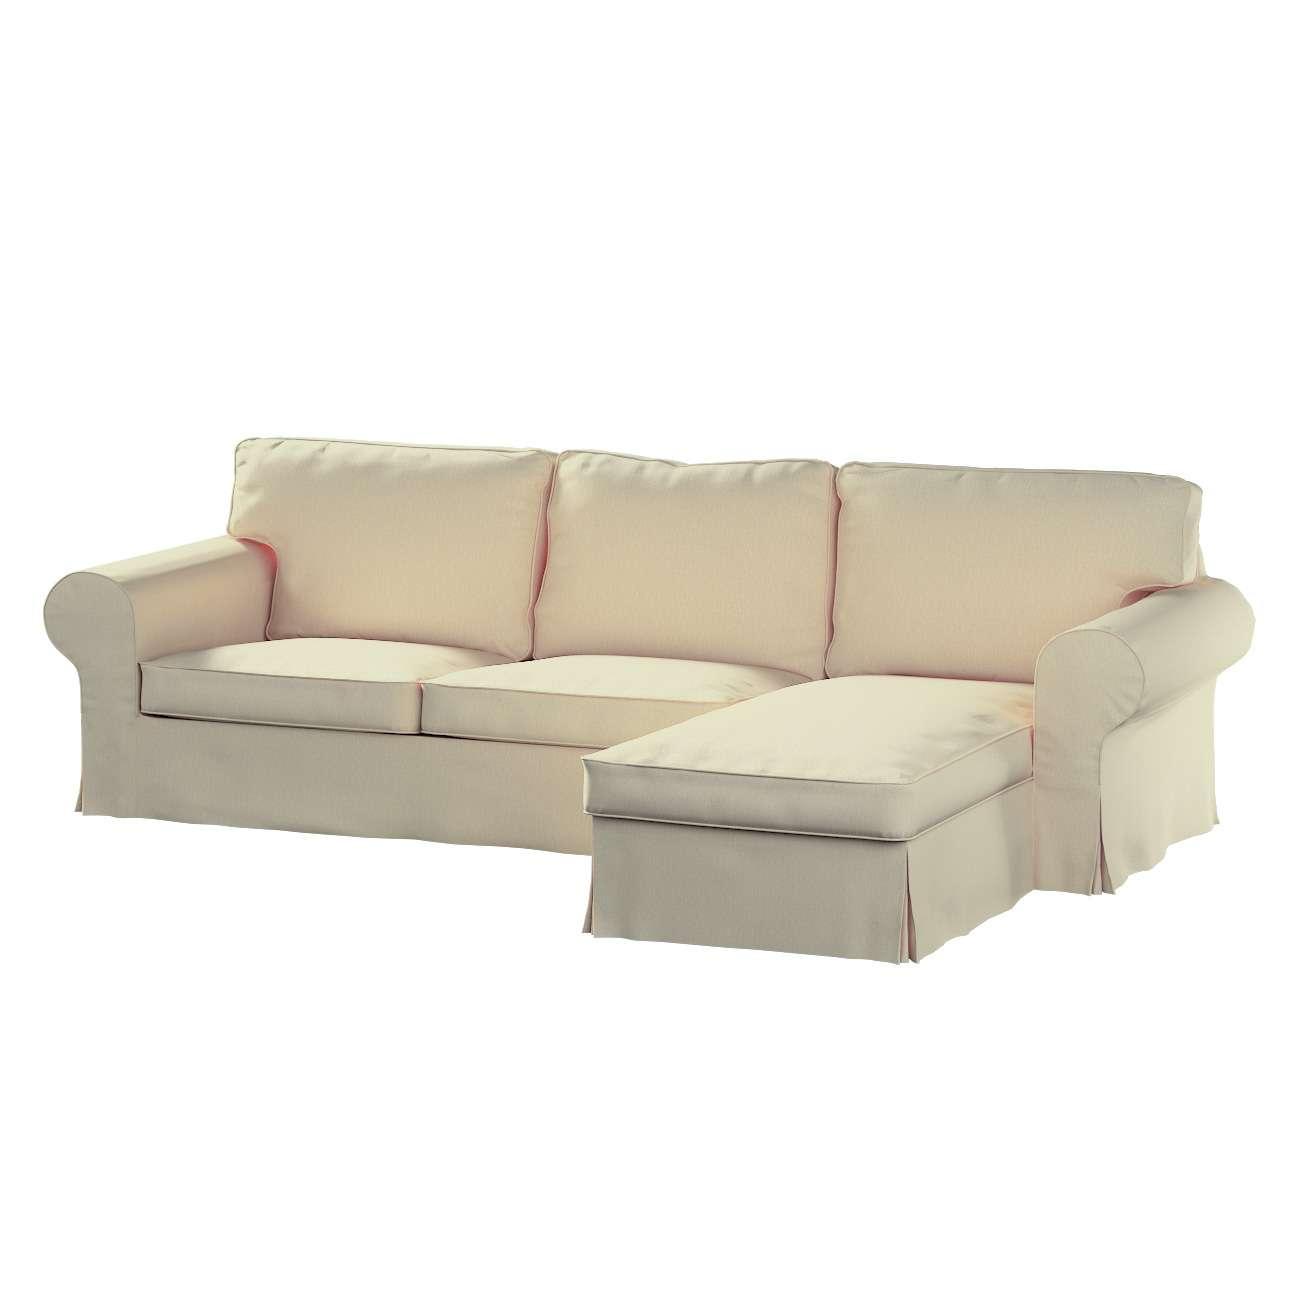 Bezug für Ektorp 2-Sitzer Sofa mit Recamiere von der Kollektion Chenille, Stoff: 702-22